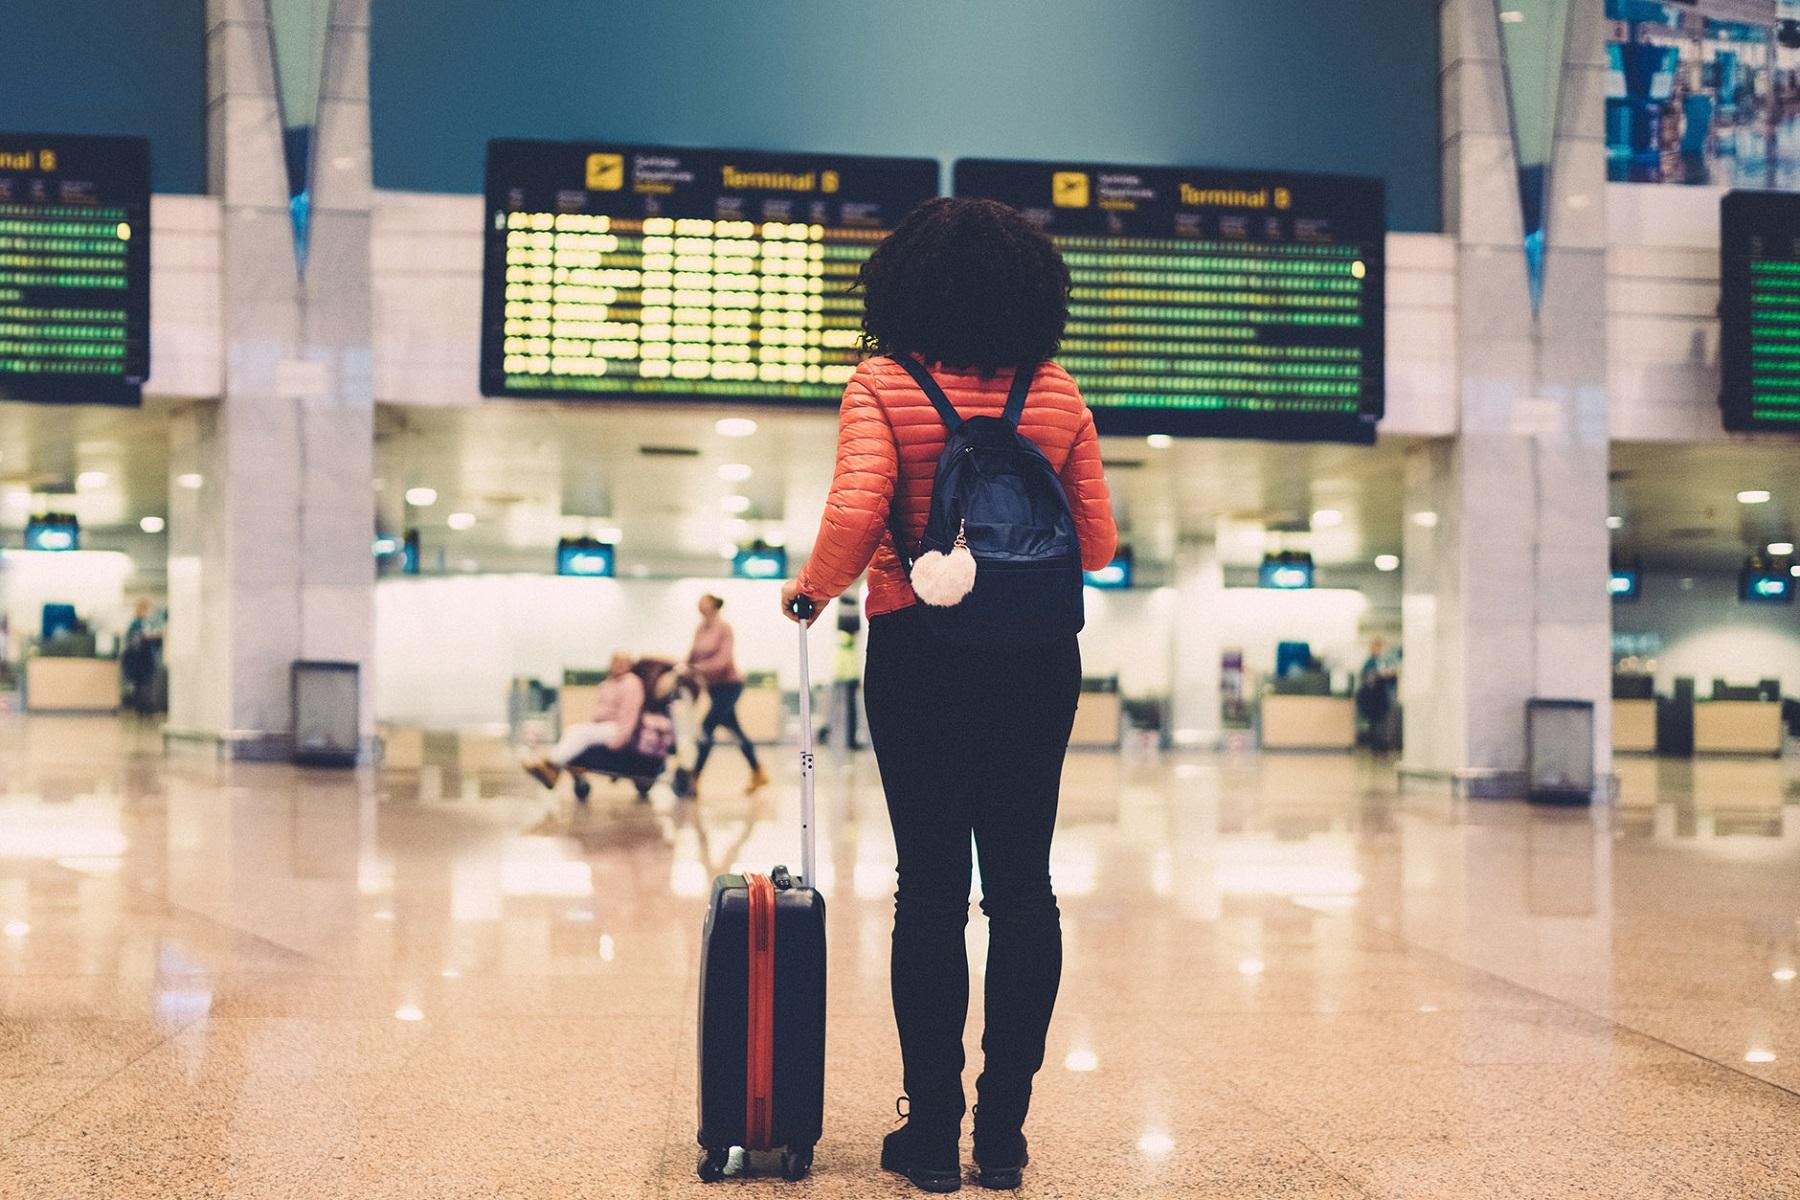 Προσομοίωση Υπολογιστής: Στρατηγικές δοκιμών για ασφαλέστερα αεροπορικά ταξίδια κατά τη διάρκεια της πανδημίας